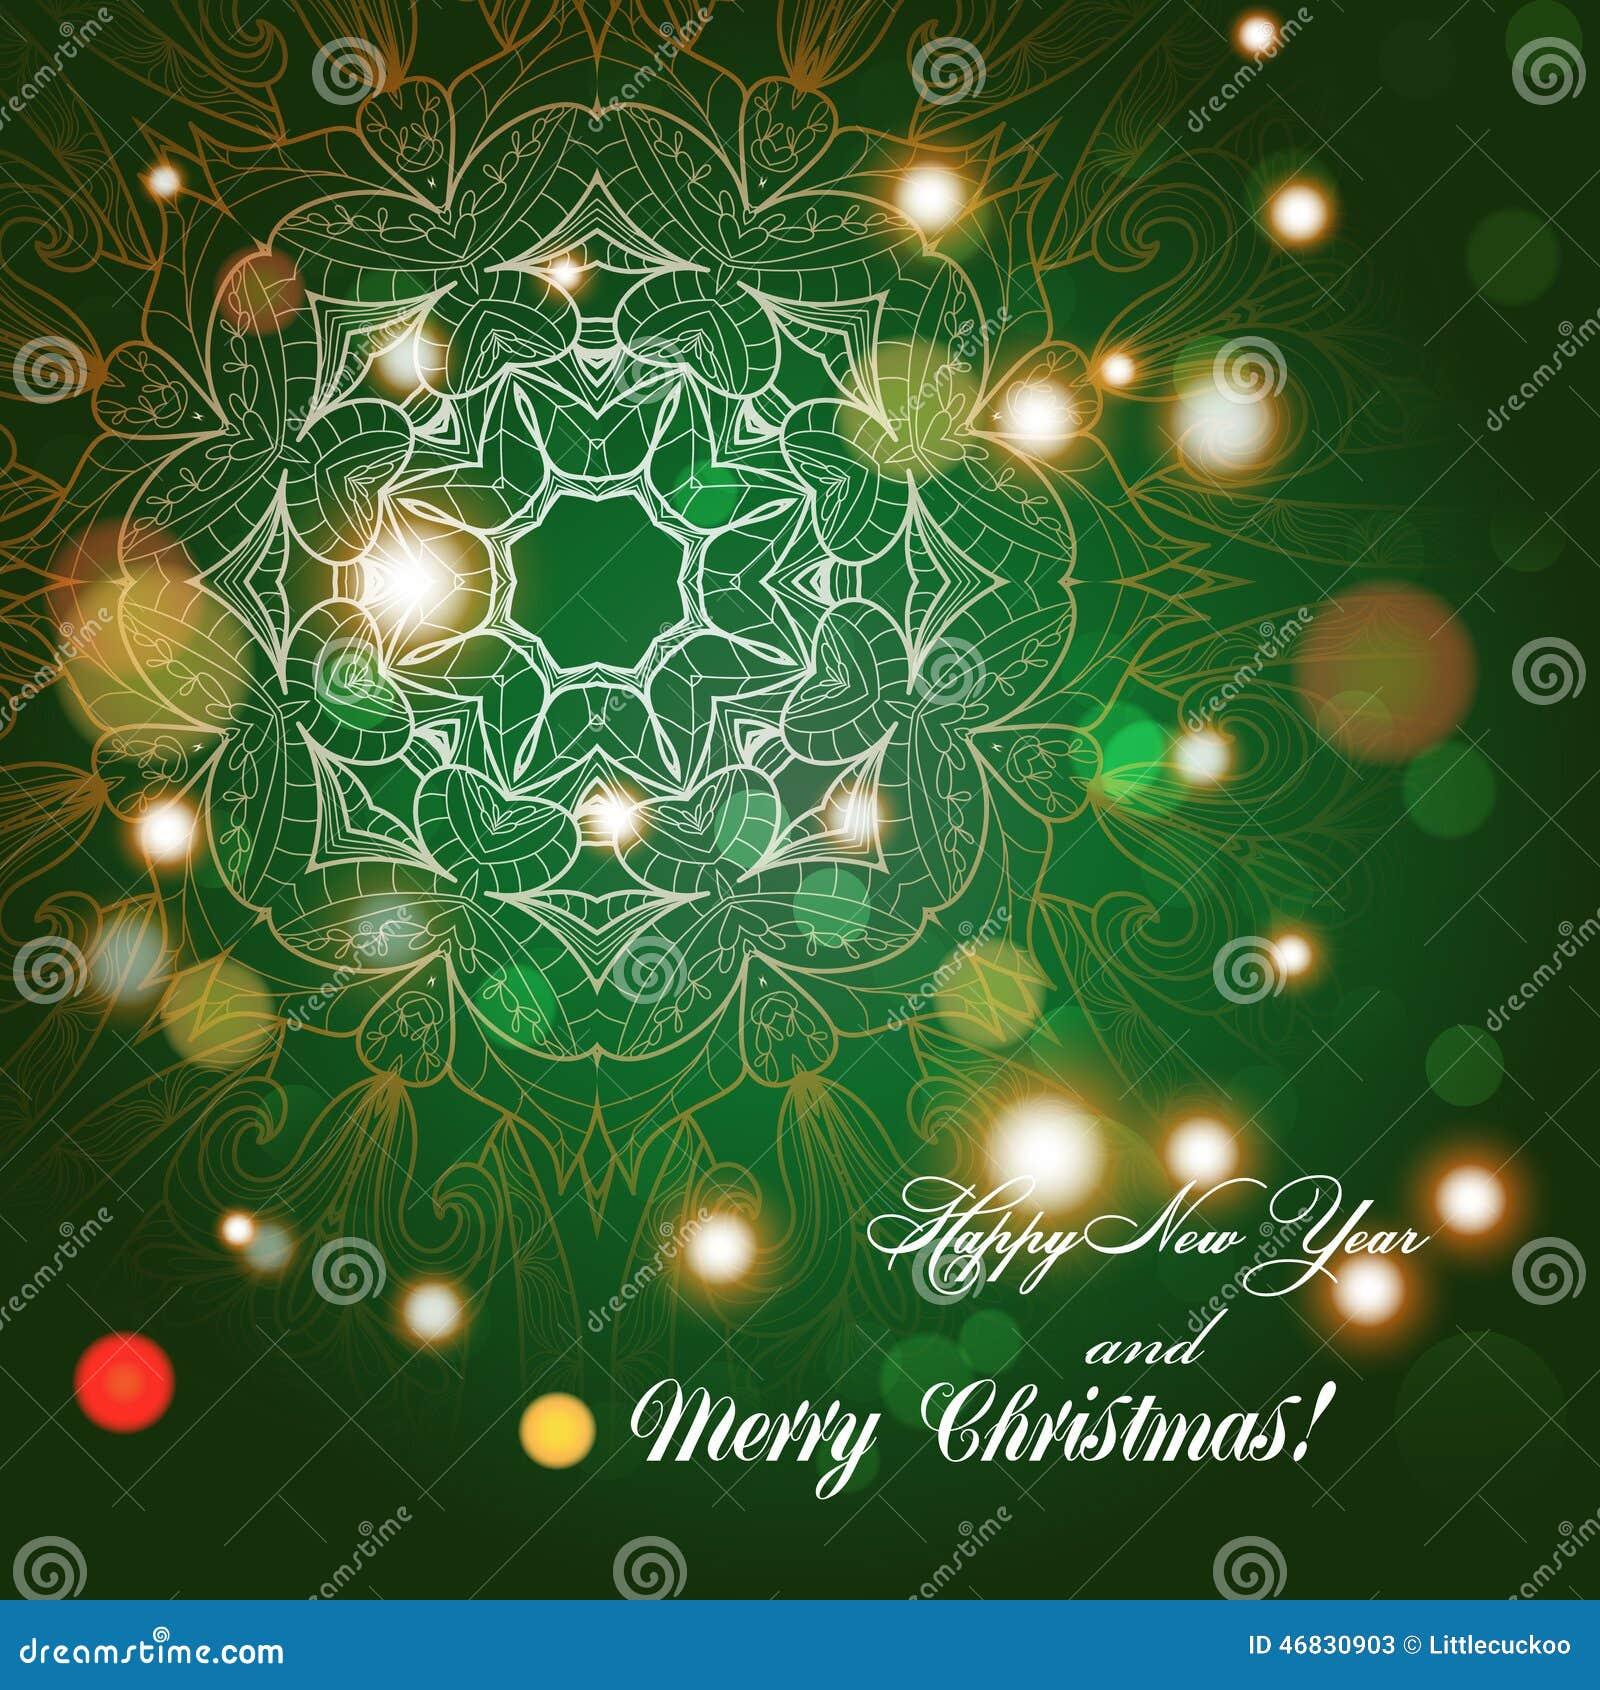 Glückwünsche Zu Weihnachten.Grußkarte Des Neuen Jahres Glückwünsche Auf Weihnachten Von Hand